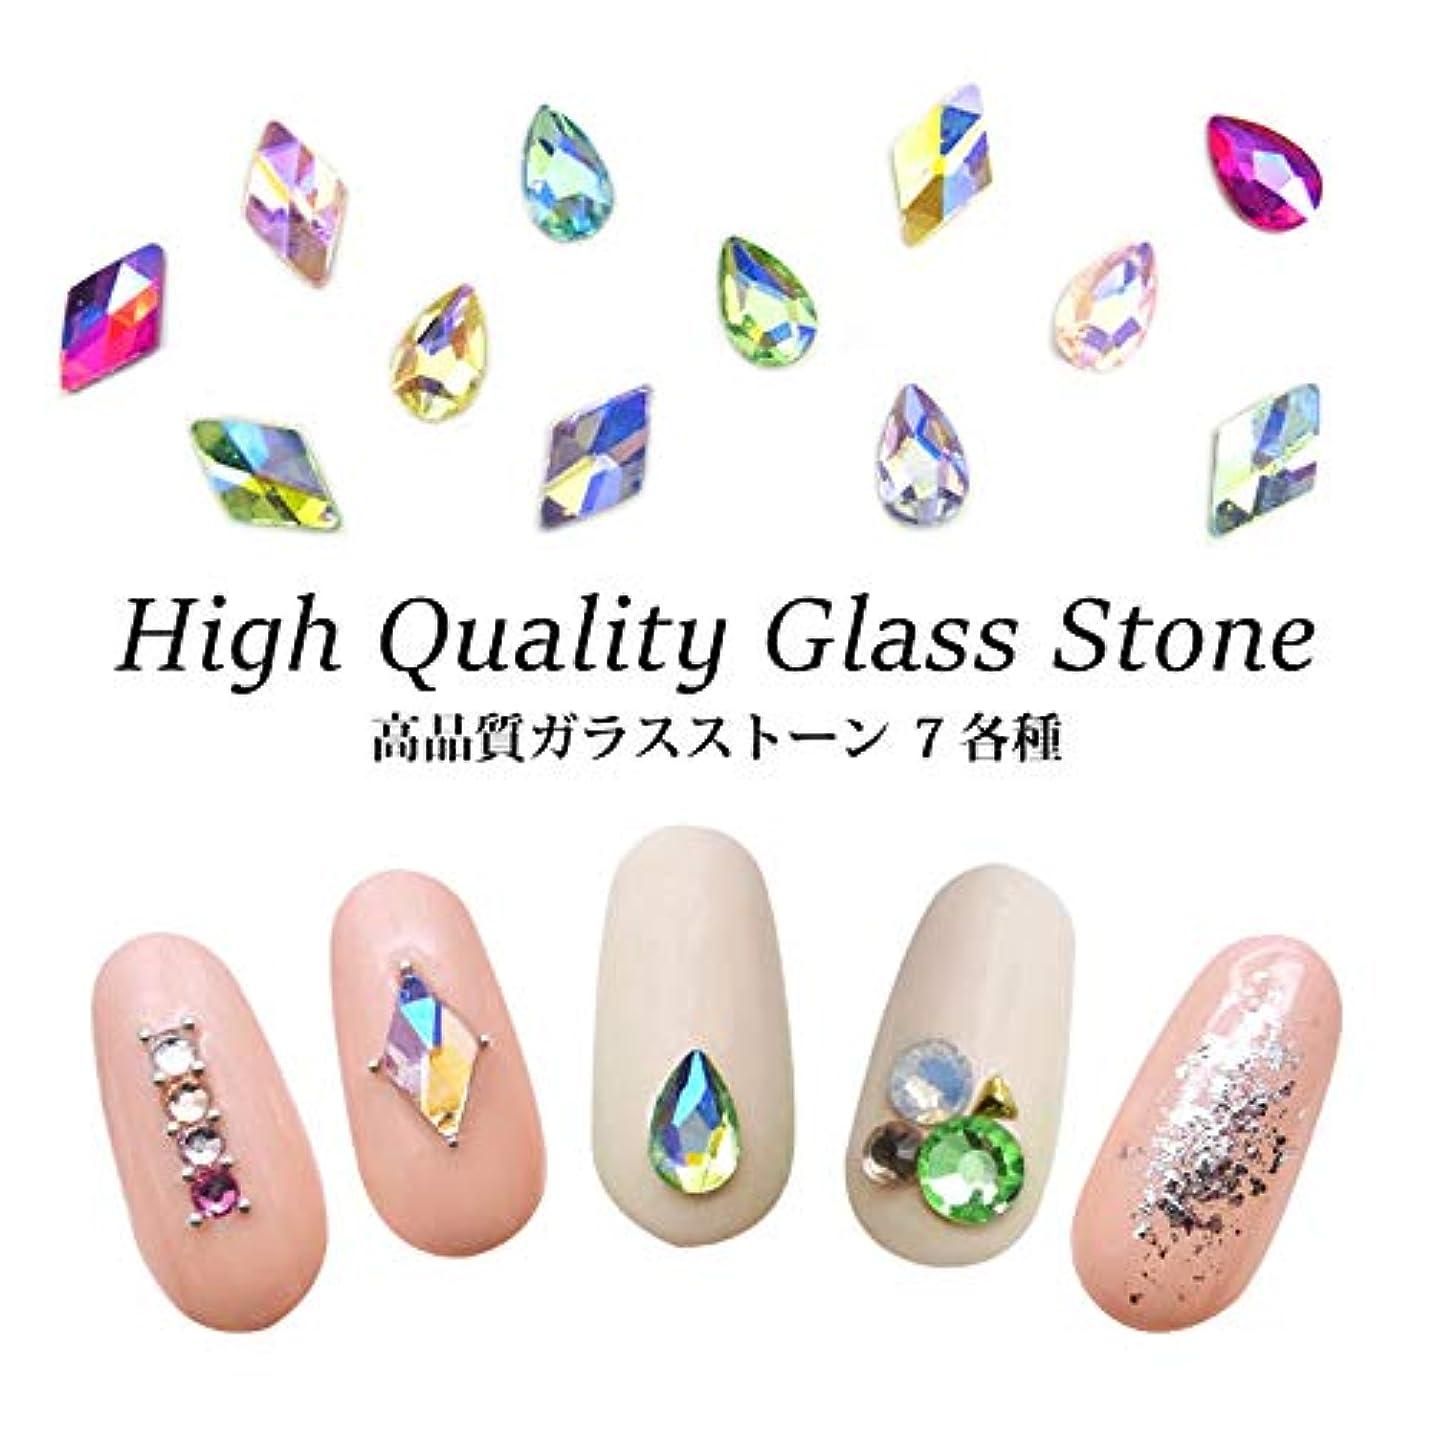 気楽な仕様驚高品質 ガラスストーン 7 各種 5個入り (ランバス, 6.ローズブルームーン)